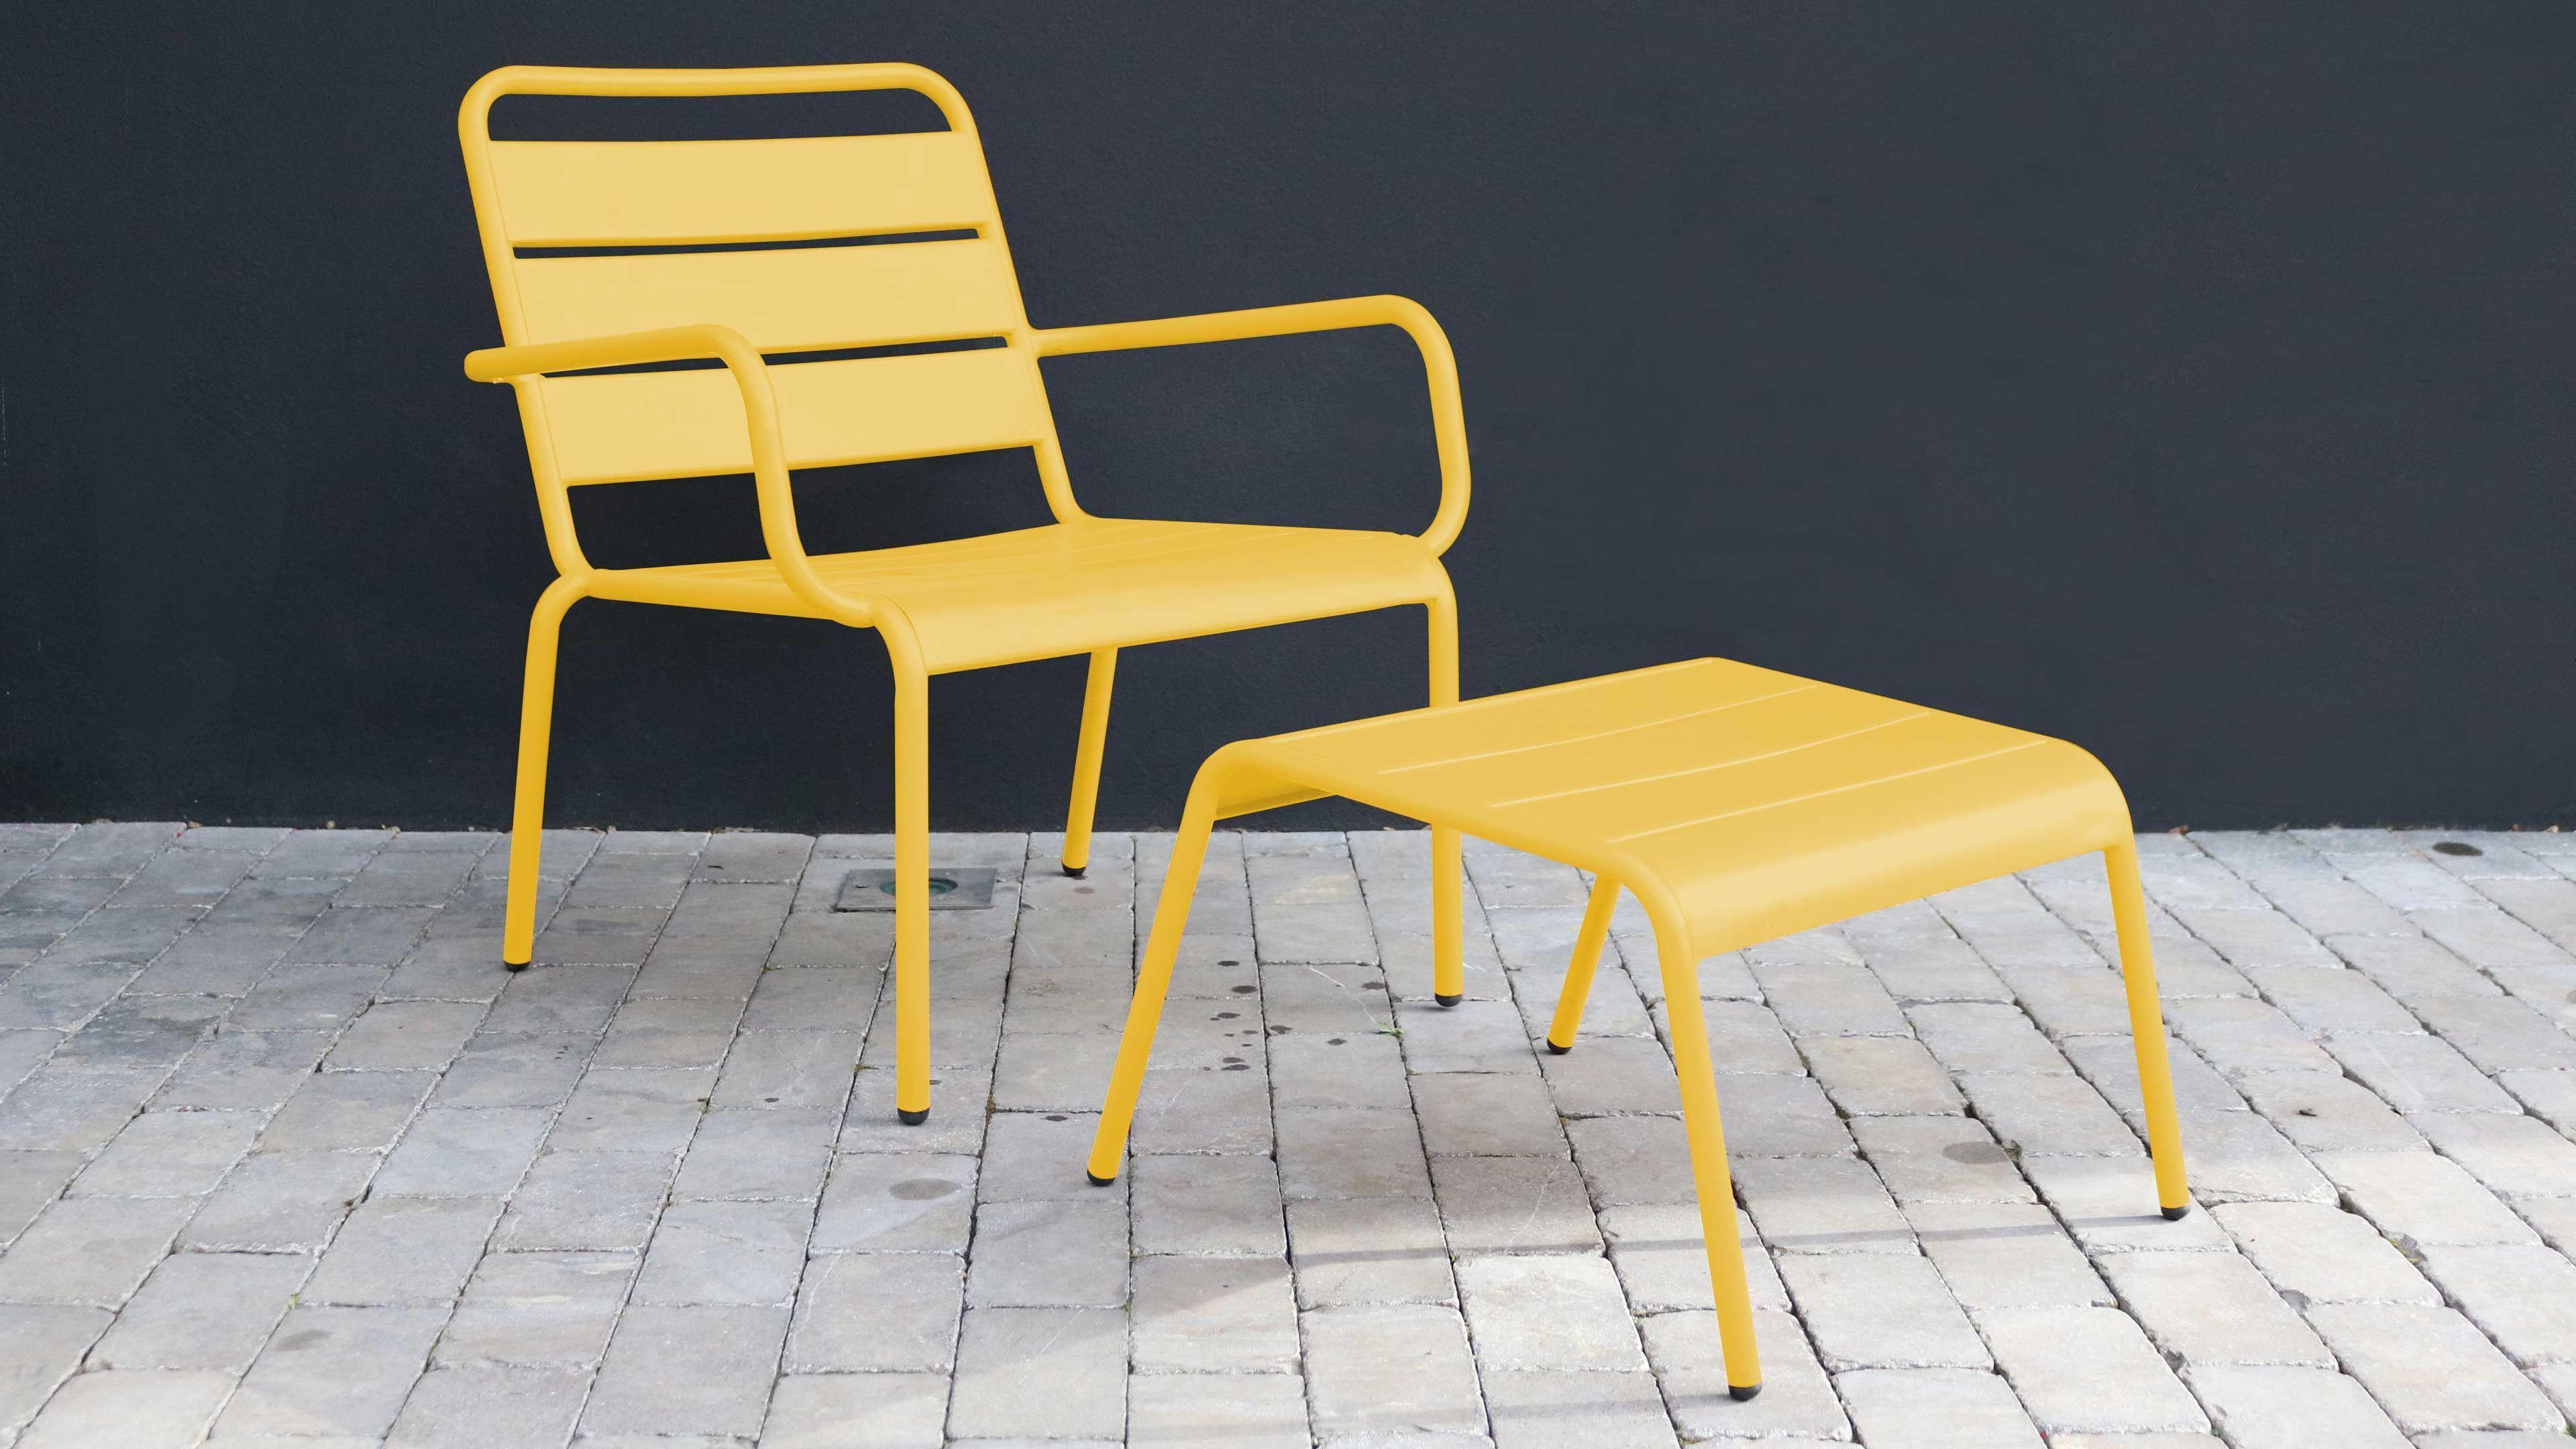 fauteuil de jardin jaune